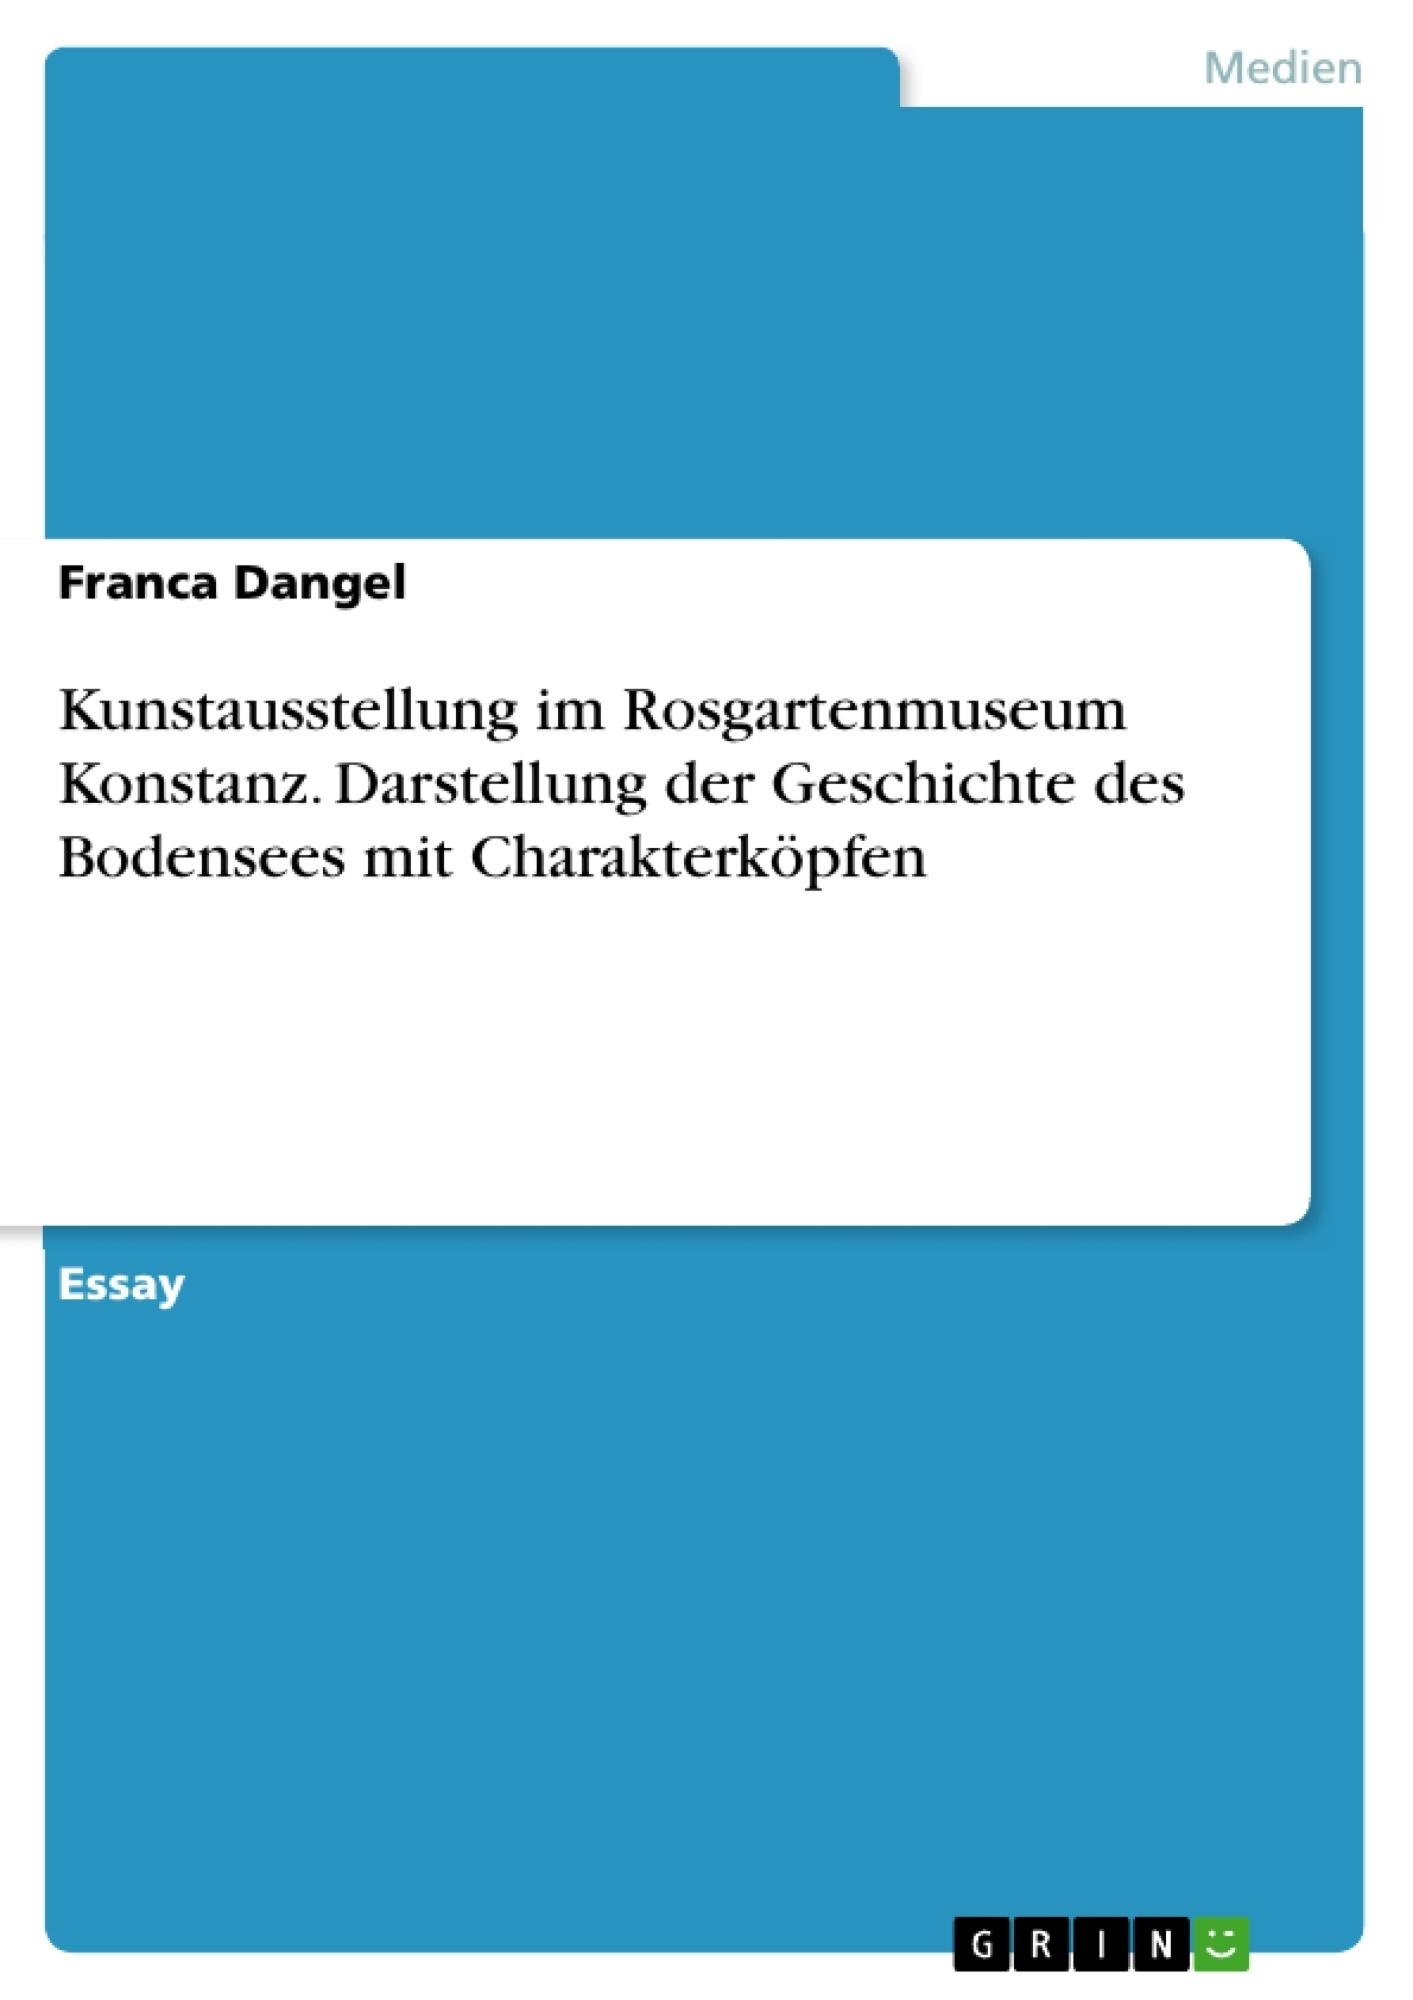 Titel: Kunstausstellung im Rosgartenmuseum Konstanz. Darstellung der Geschichte des Bodensees mit Charakterköpfen